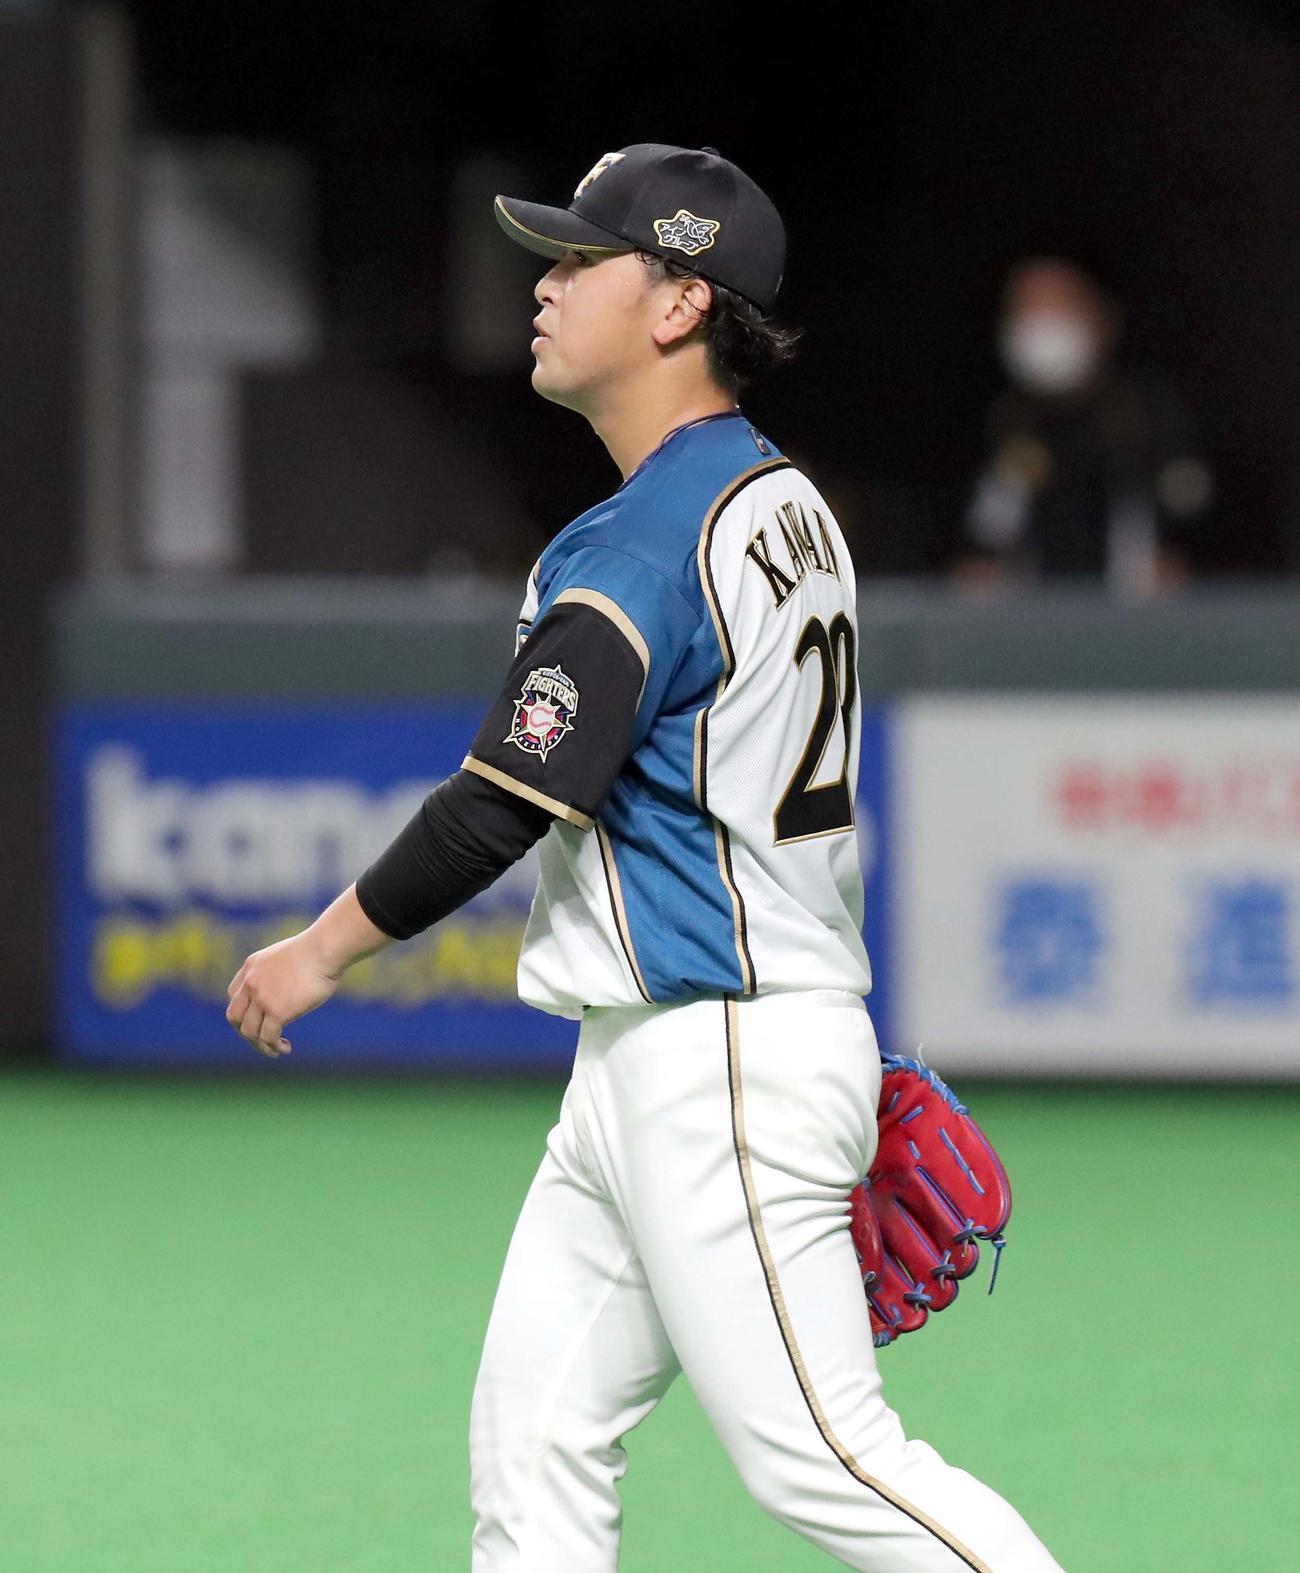 日本ハム対ソフトバンク 3回表ソフトバンク1死一、二塁、バレンティンに同点となる適時二塁打を打たれる日本ハム河野(撮影・佐藤翔太)